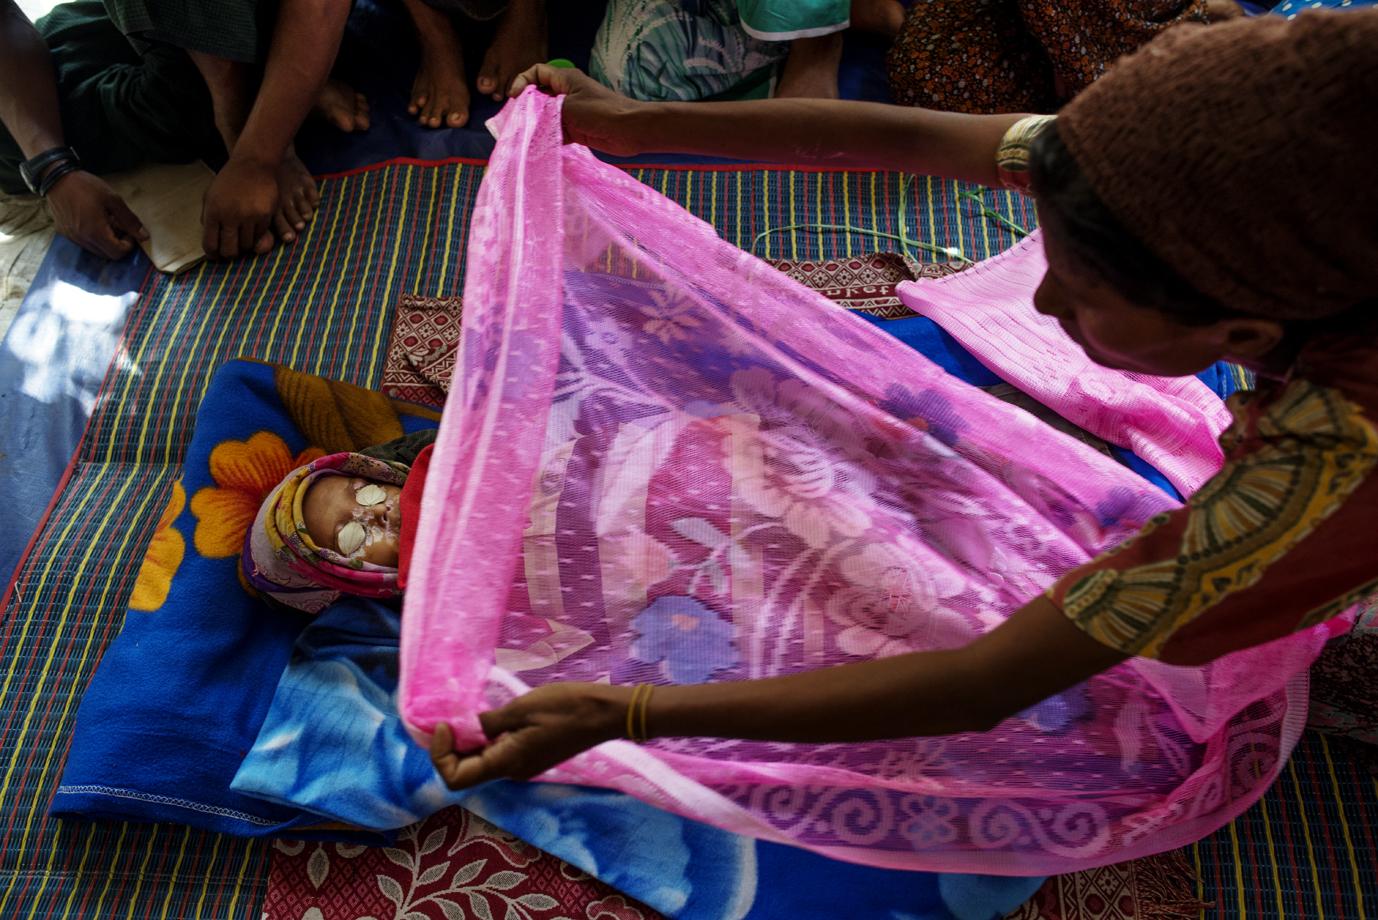 Rohingya mother sweeps a blanket over her deceased son, Sittwe, Rakhine / Burma - 2013